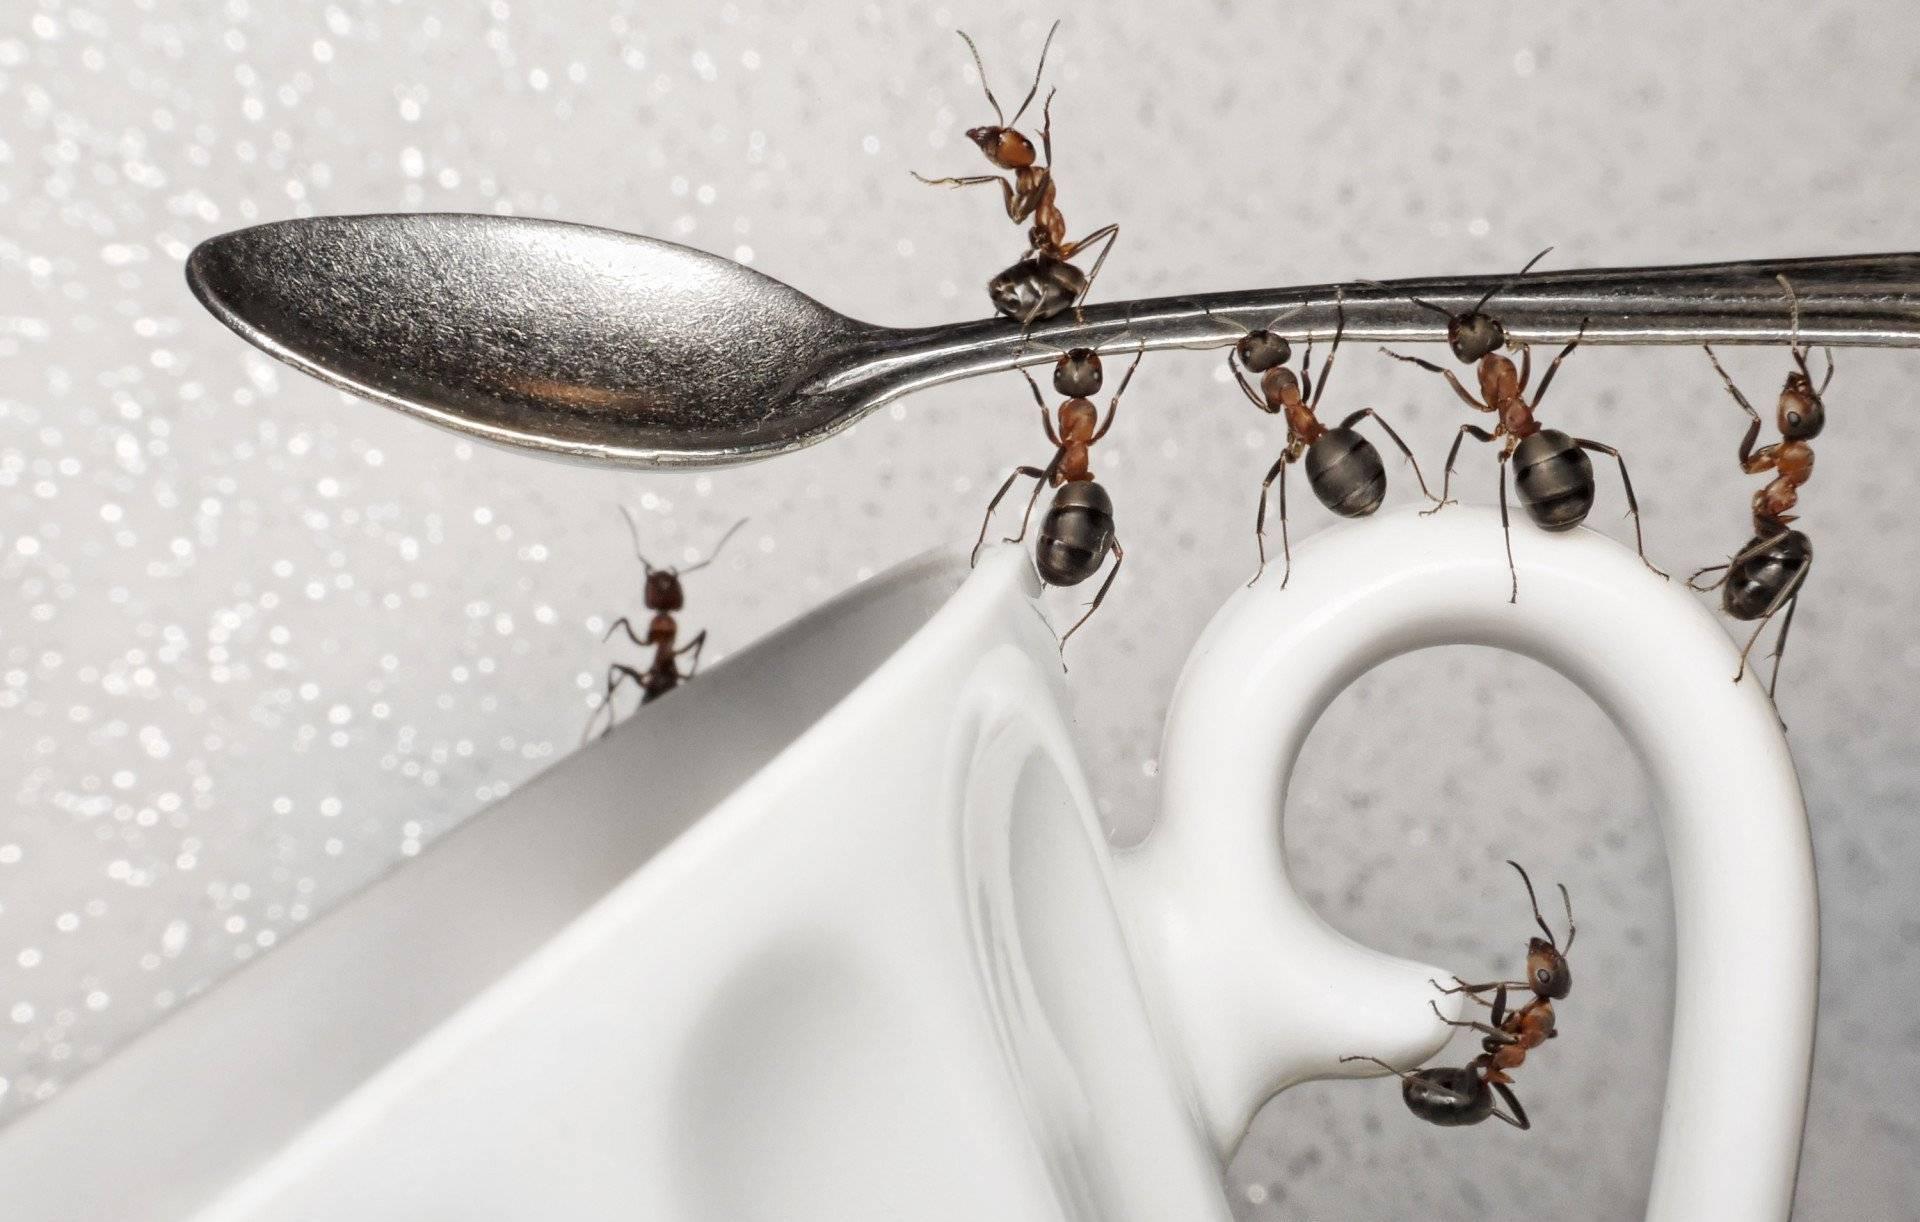 Красные муравьи в доме доме. как и чем с ними бороться? / как избавится от насекомых в квартире